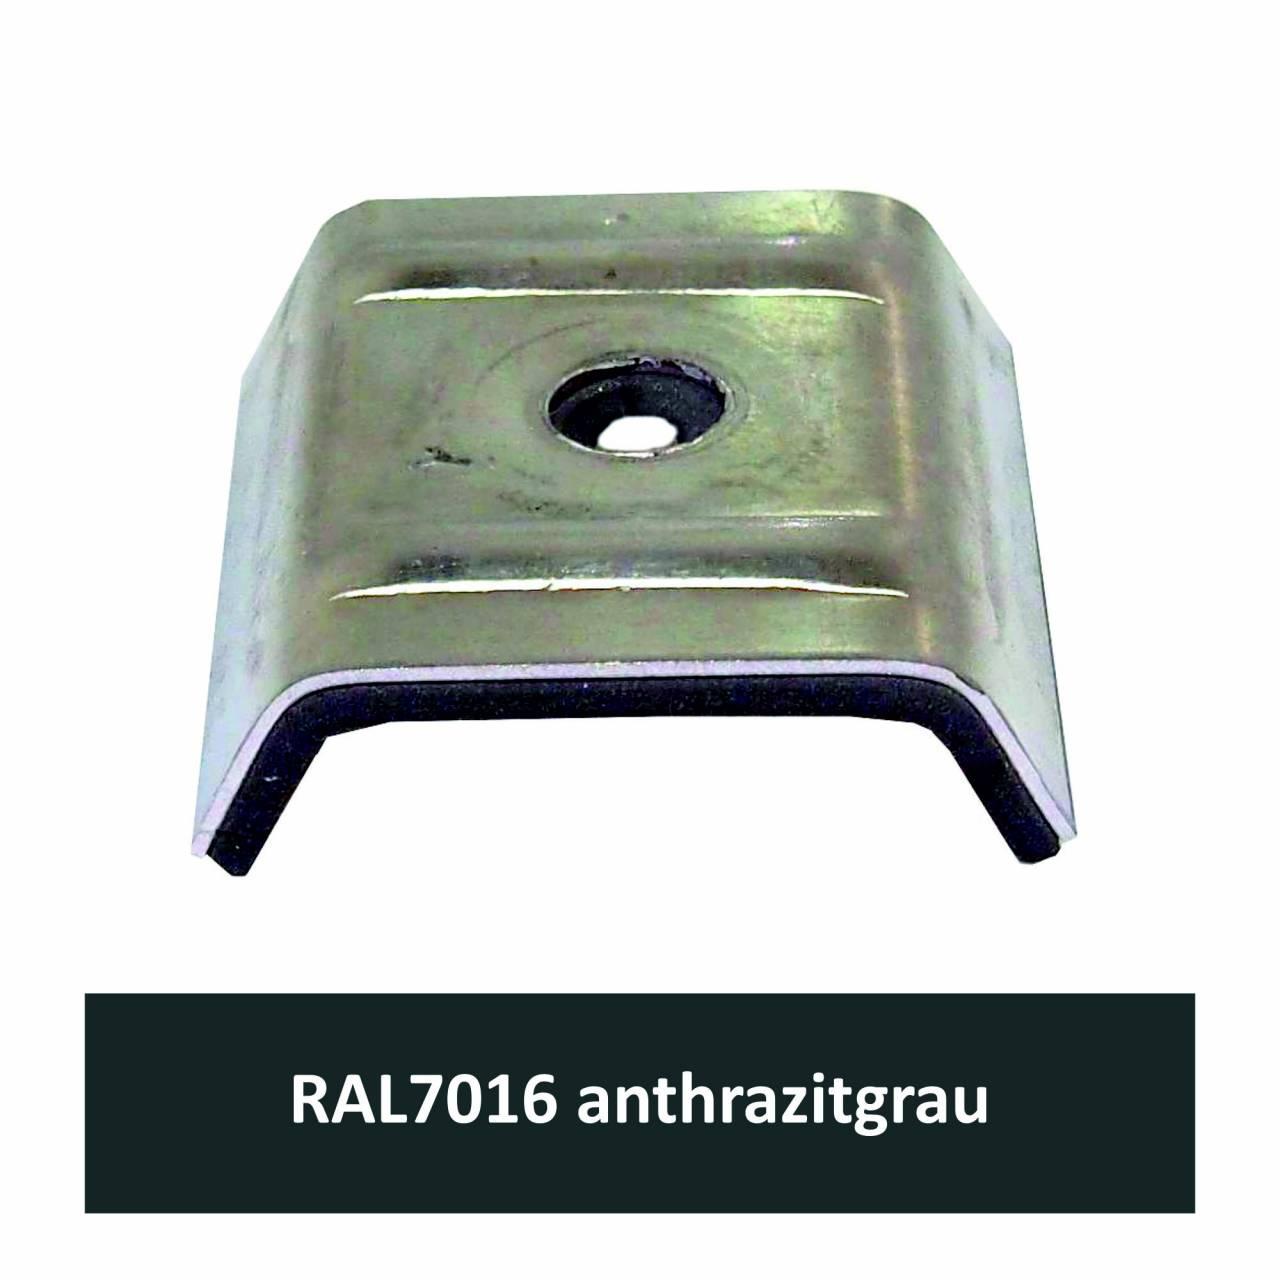 Kalotten für N1000T, Alu RAL7016 anthrazitgrau / Pck a 100 Stück